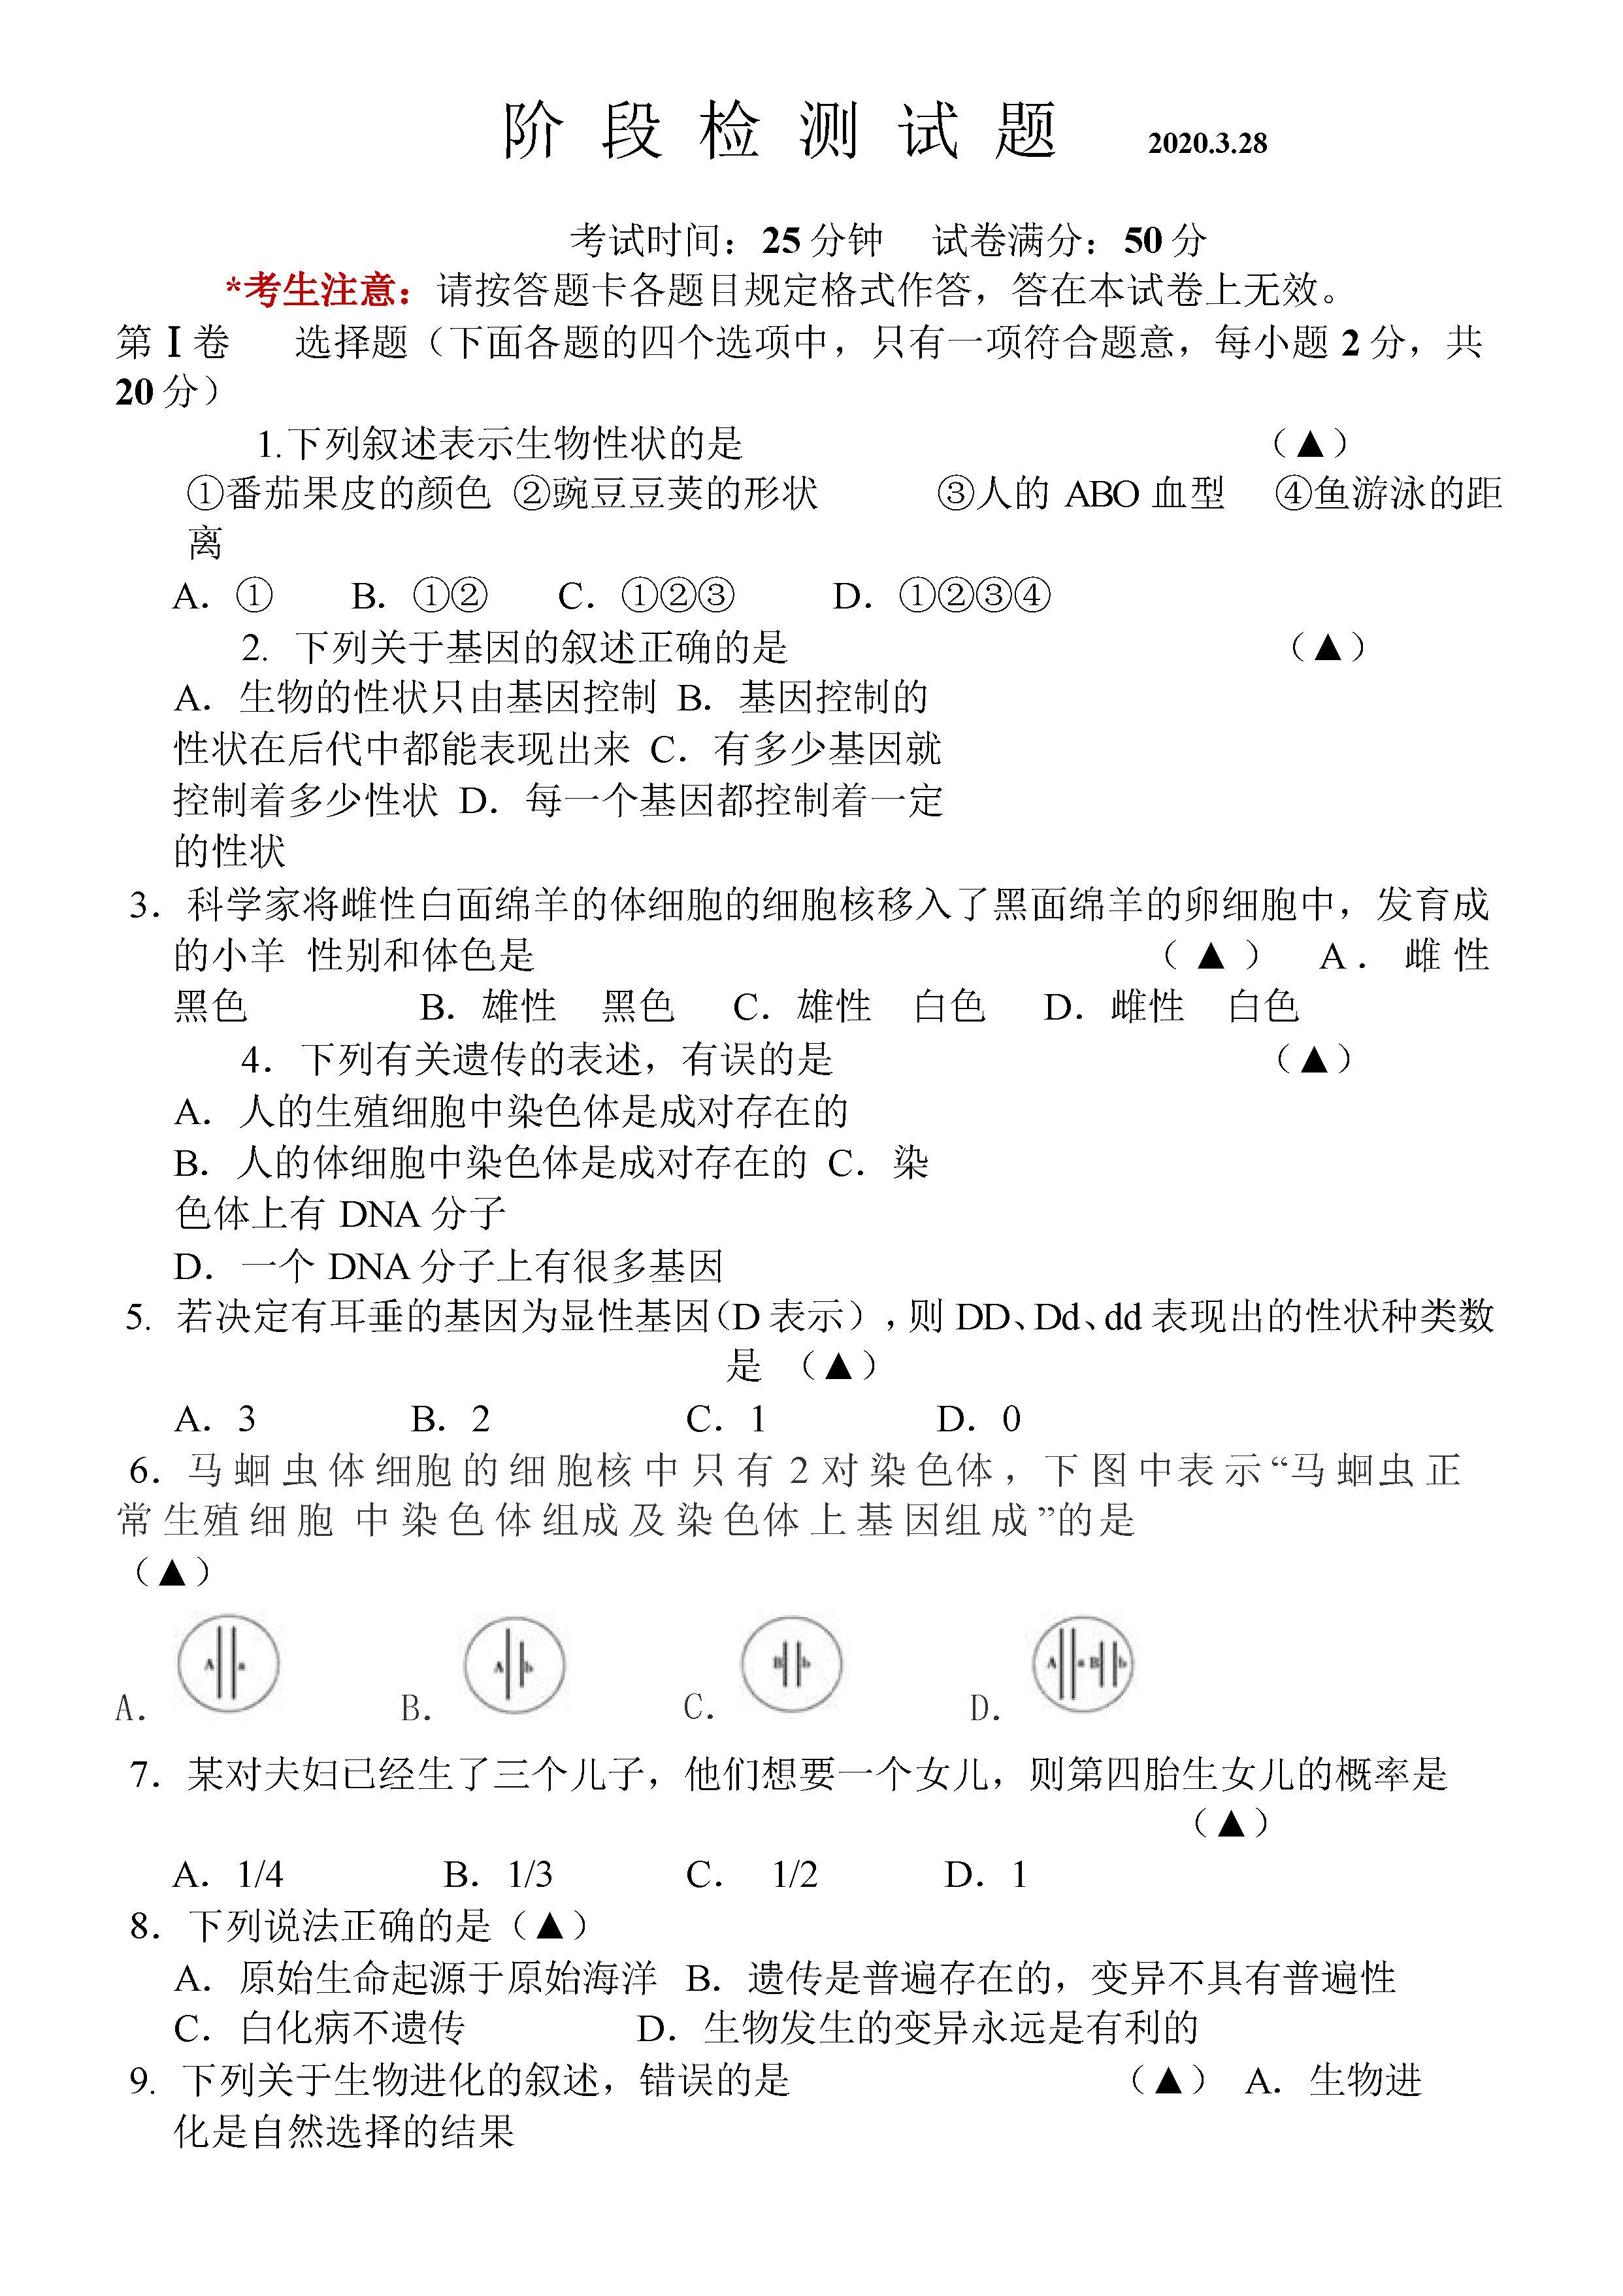 2019-2020辽宁锦州实验学校初二下册第1次月考生物试题